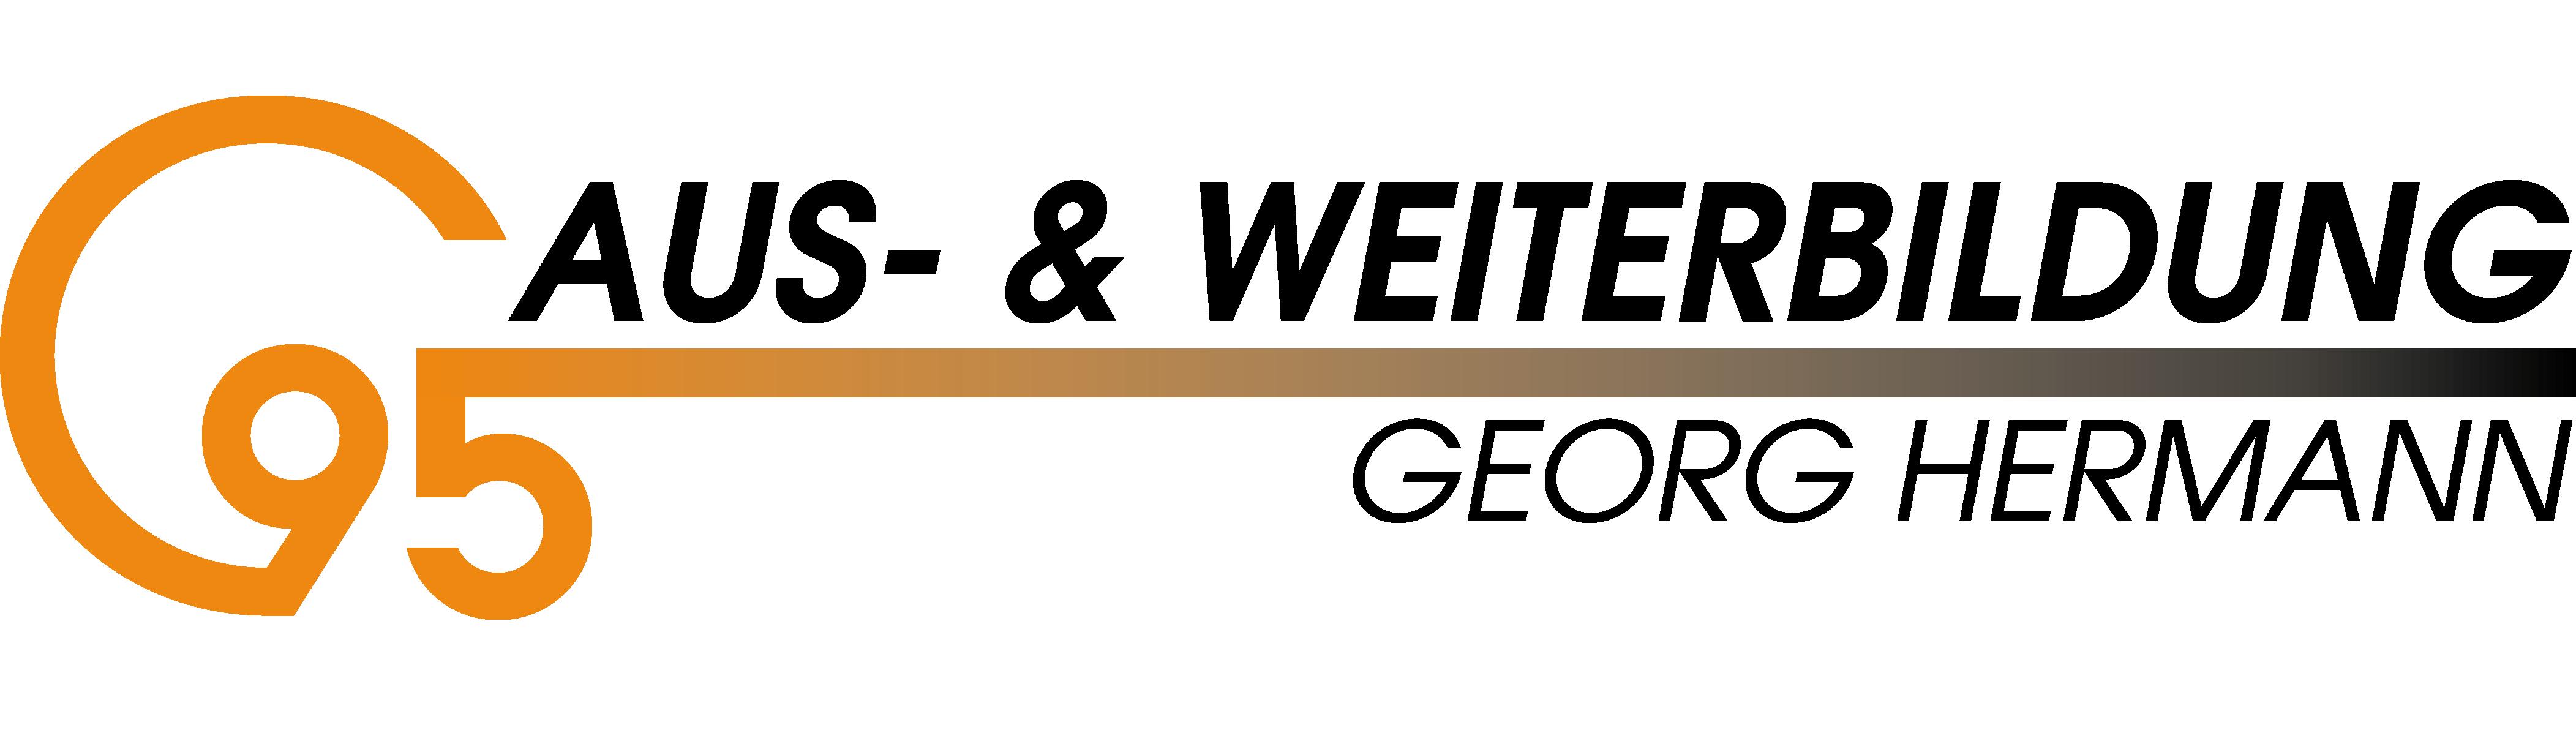 C95 - Aus- & Weiterbildung Logo